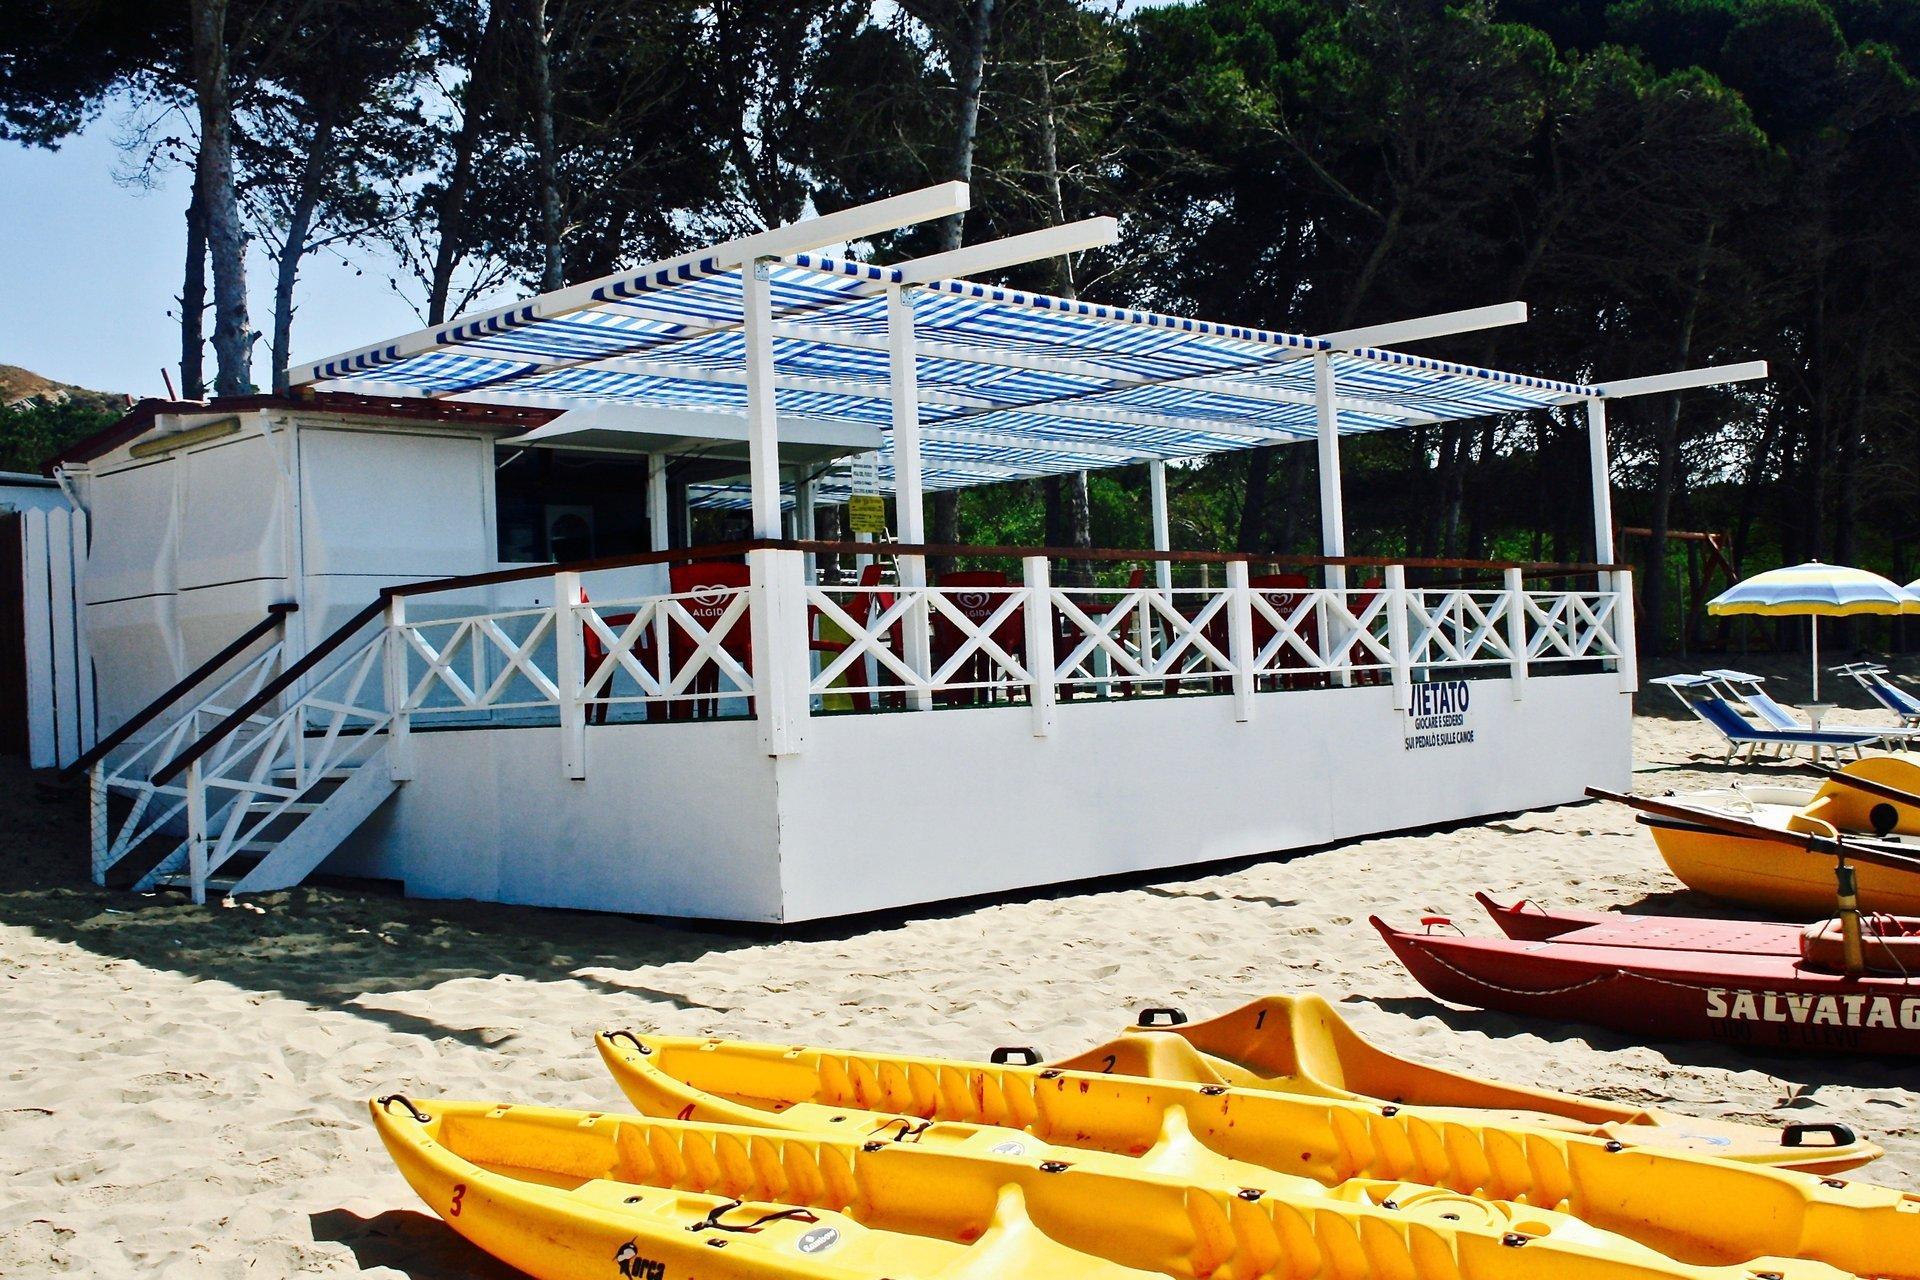 Canoe disponibili in affitto disposte in fila sulla spiaggia